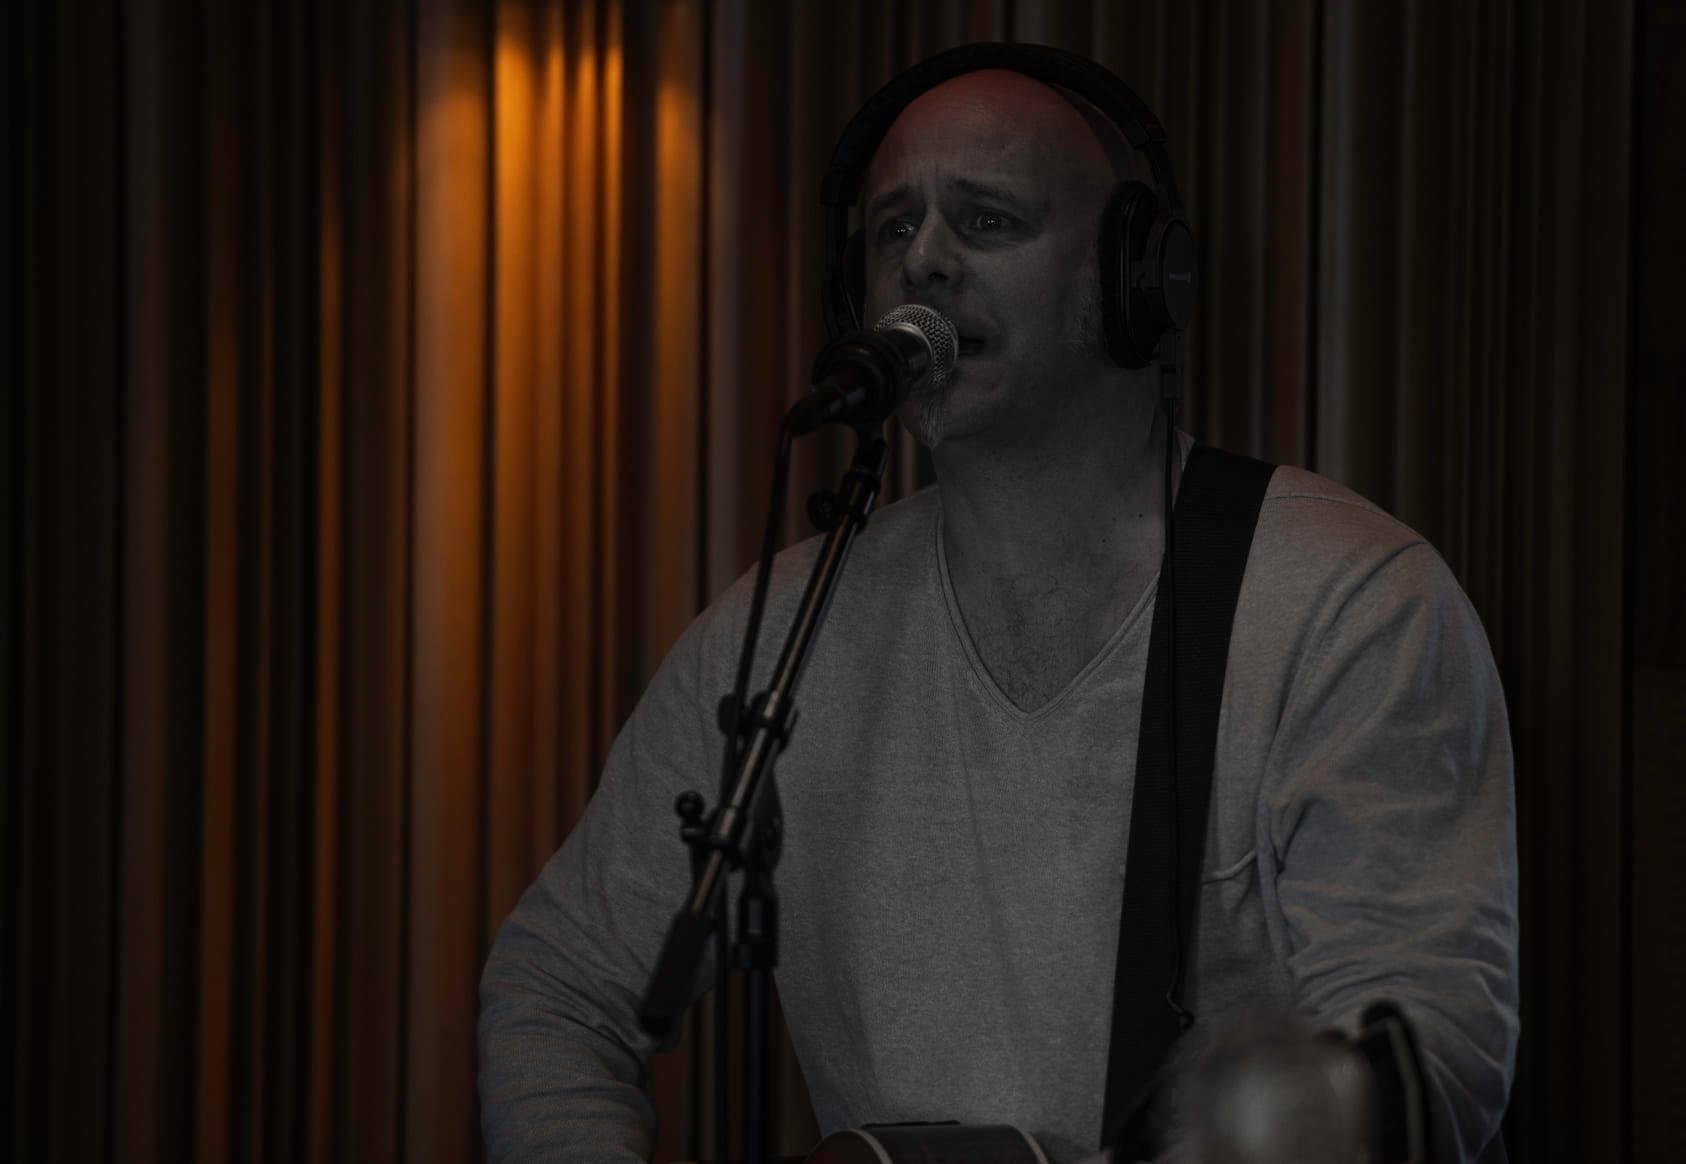 Matz records guitar and vocals in the studio